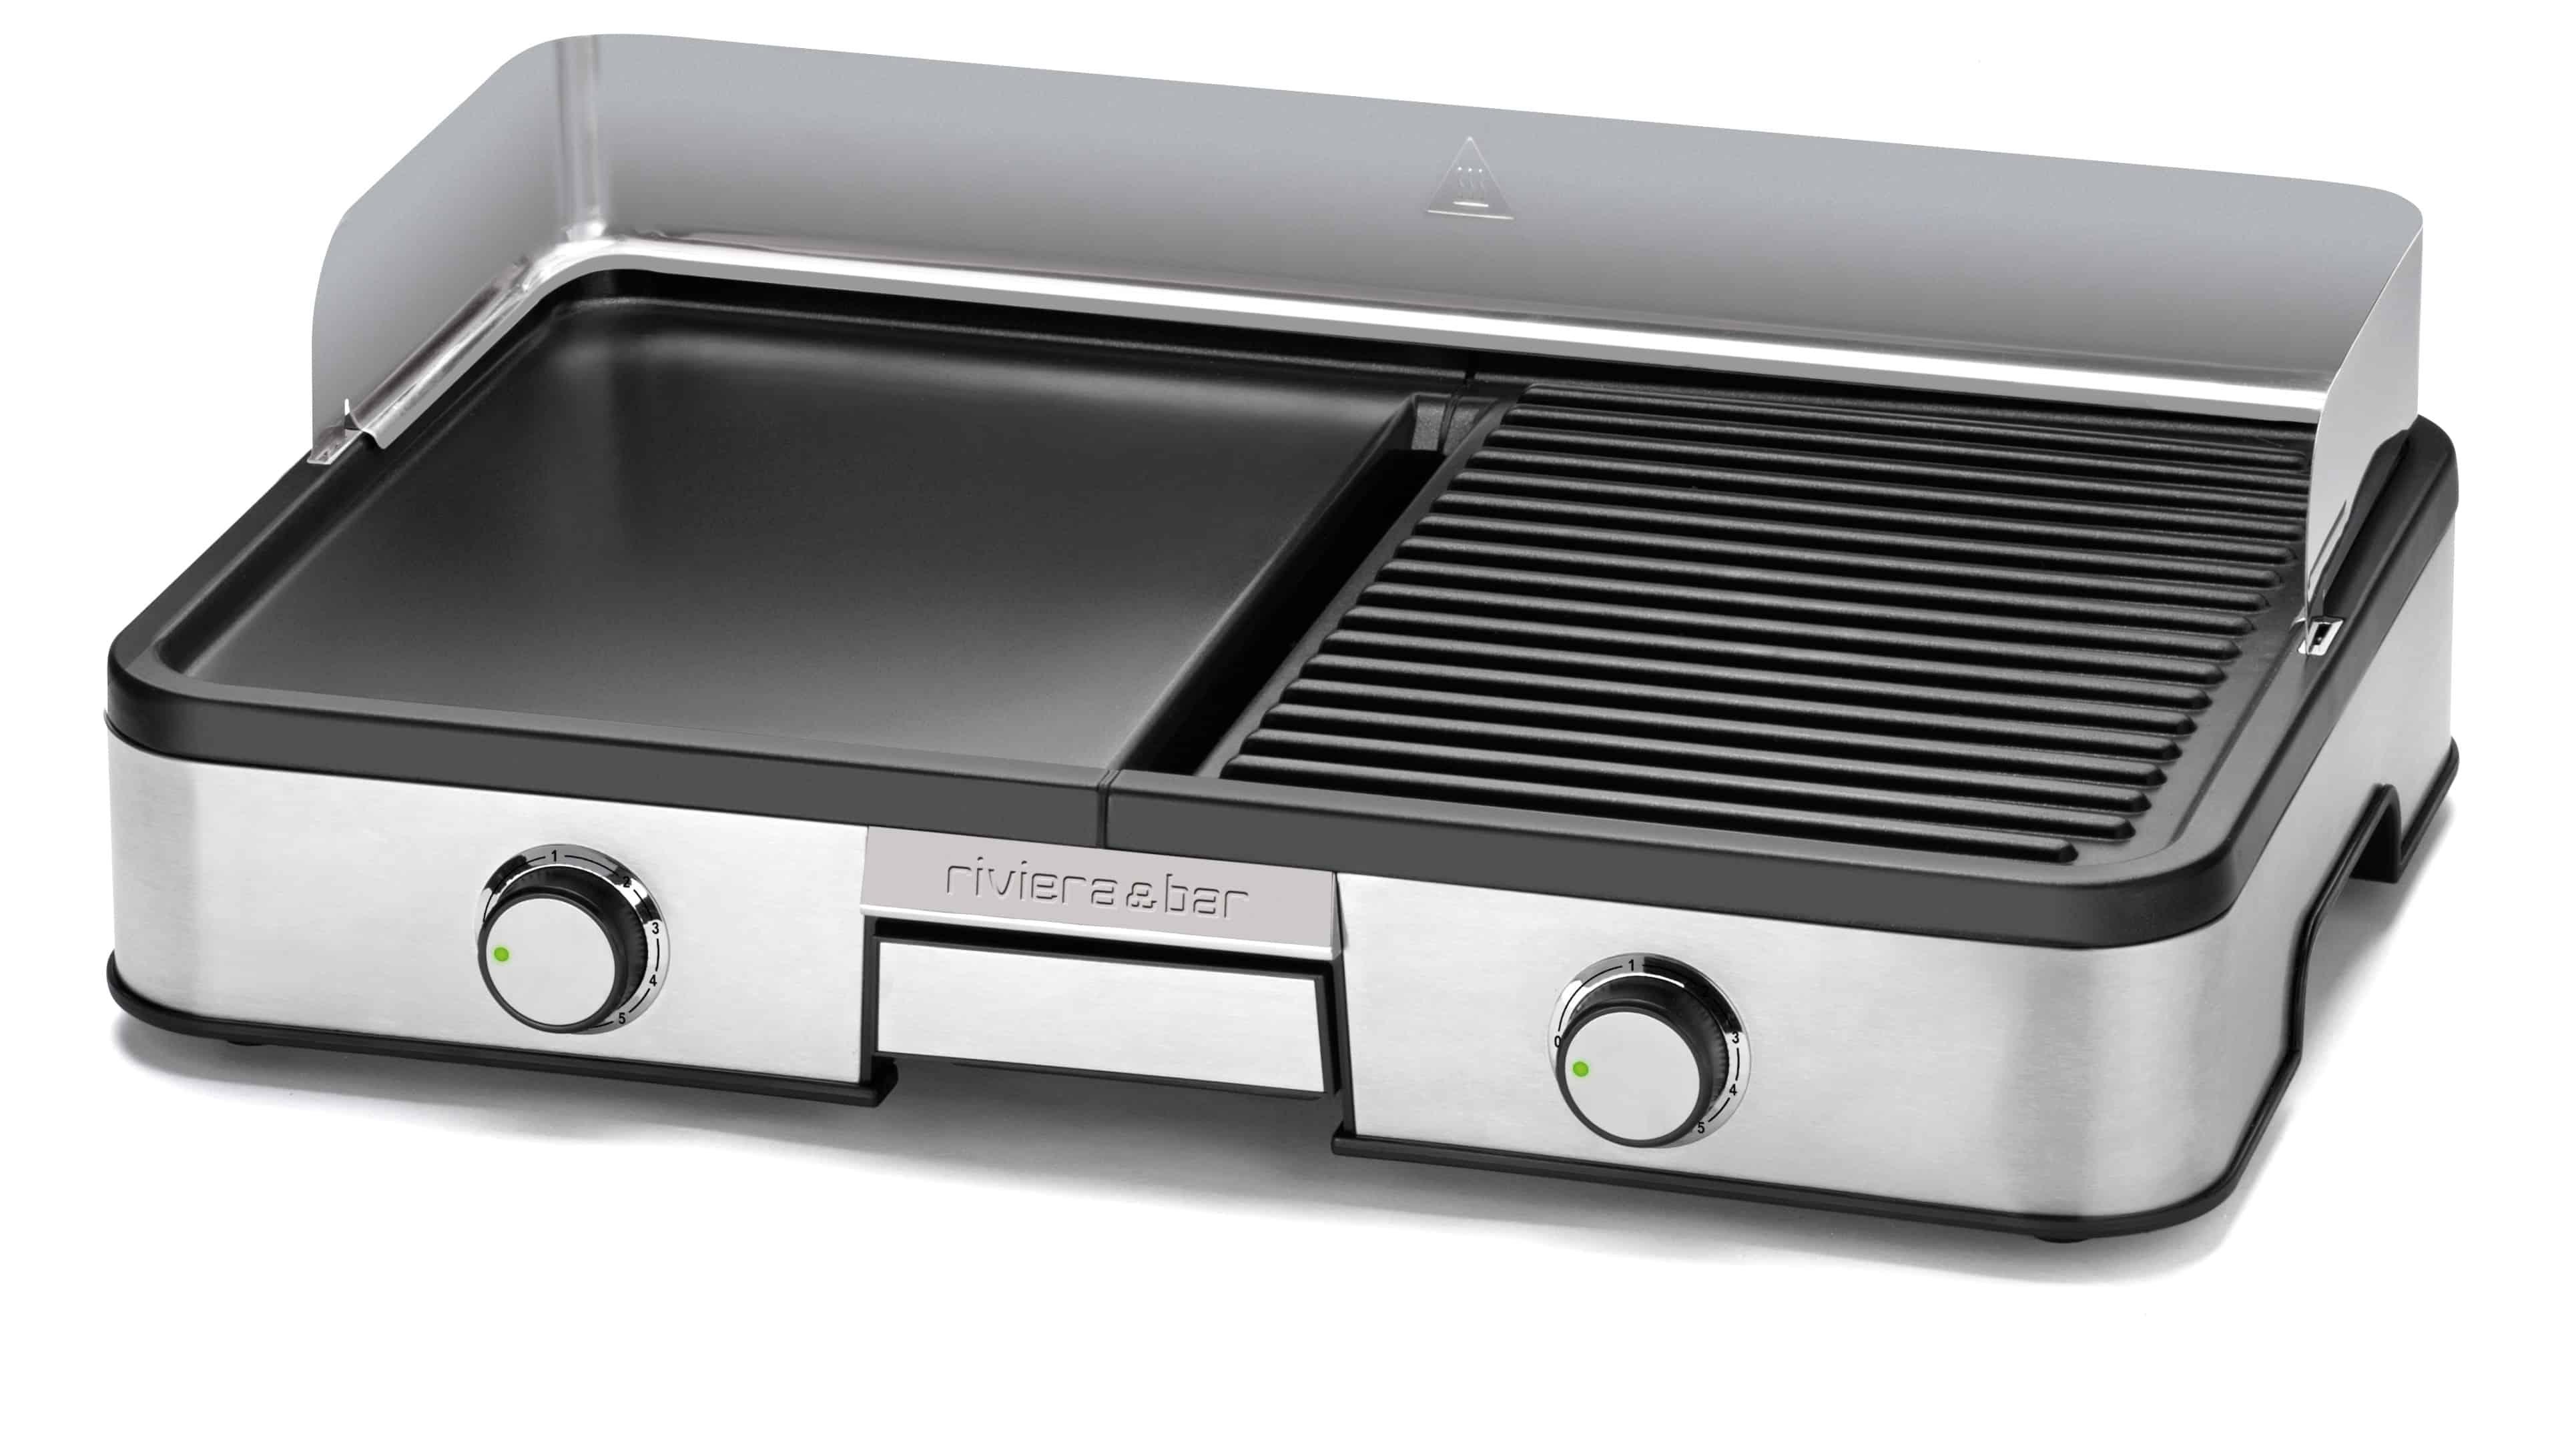 barbecue-electrique-avec-plancha - comparatif-multicuiseur